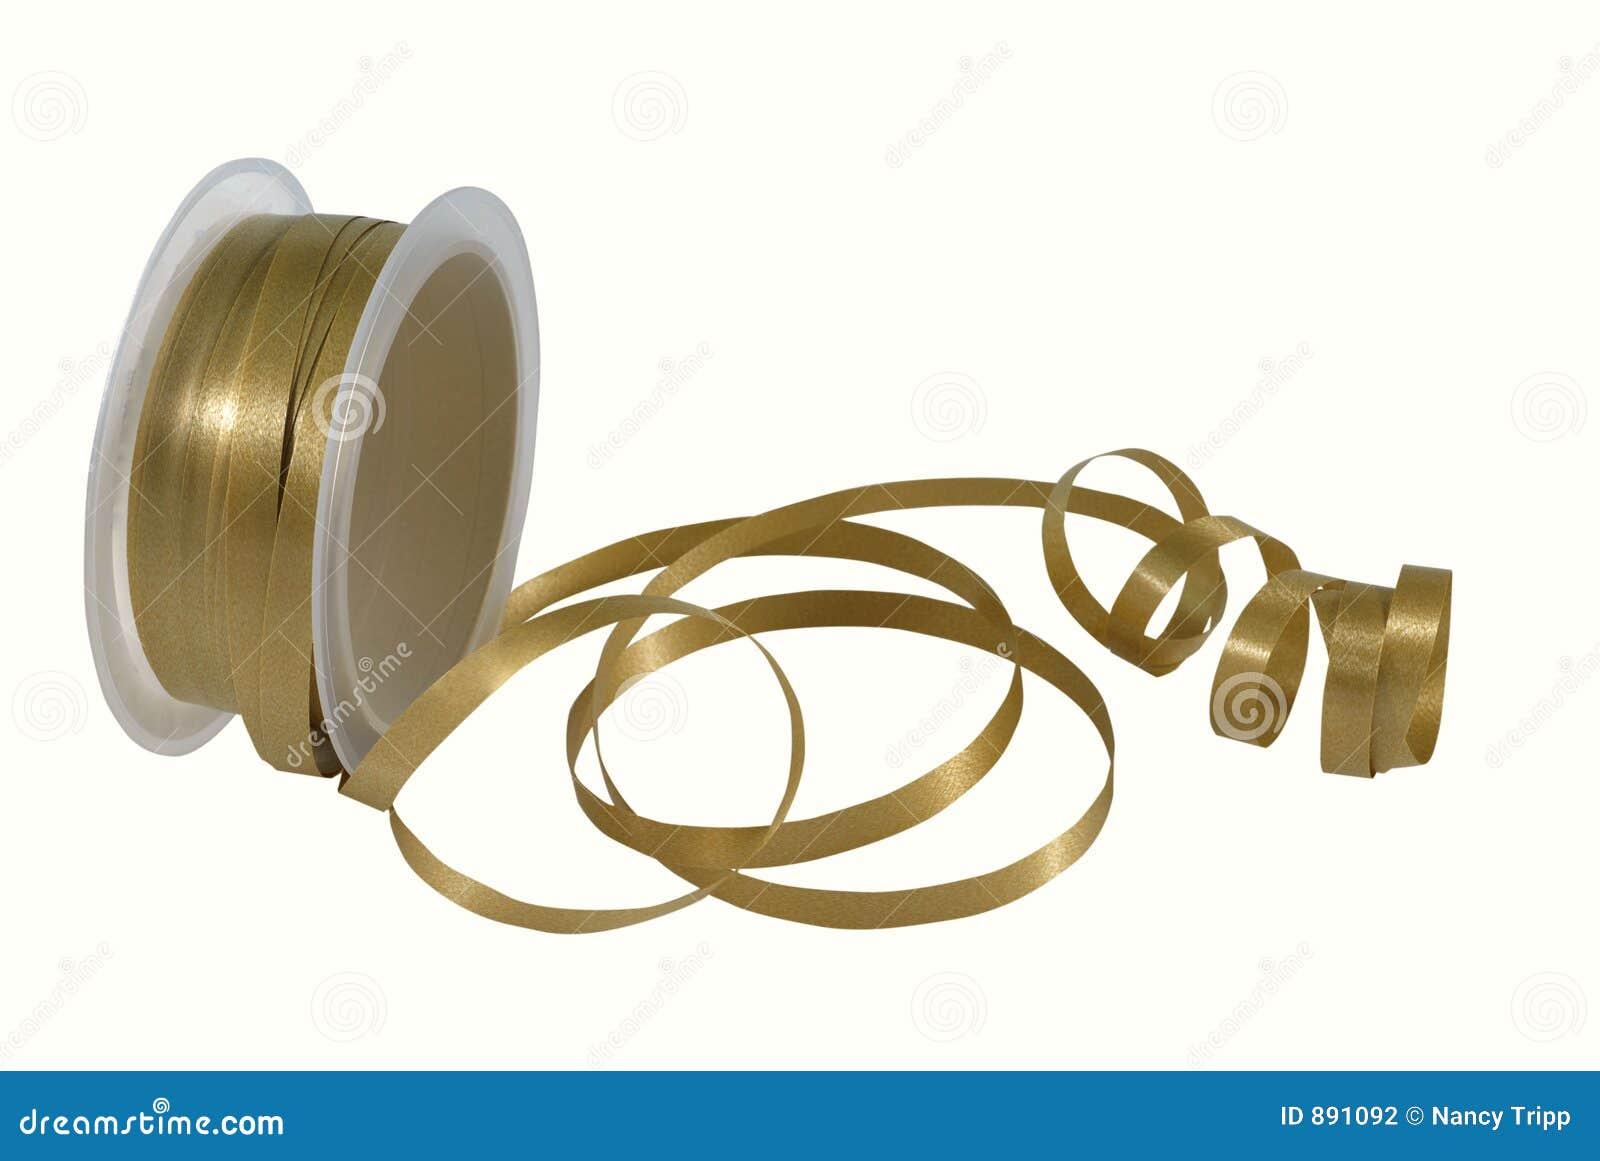 Tasiemkowa spool złota